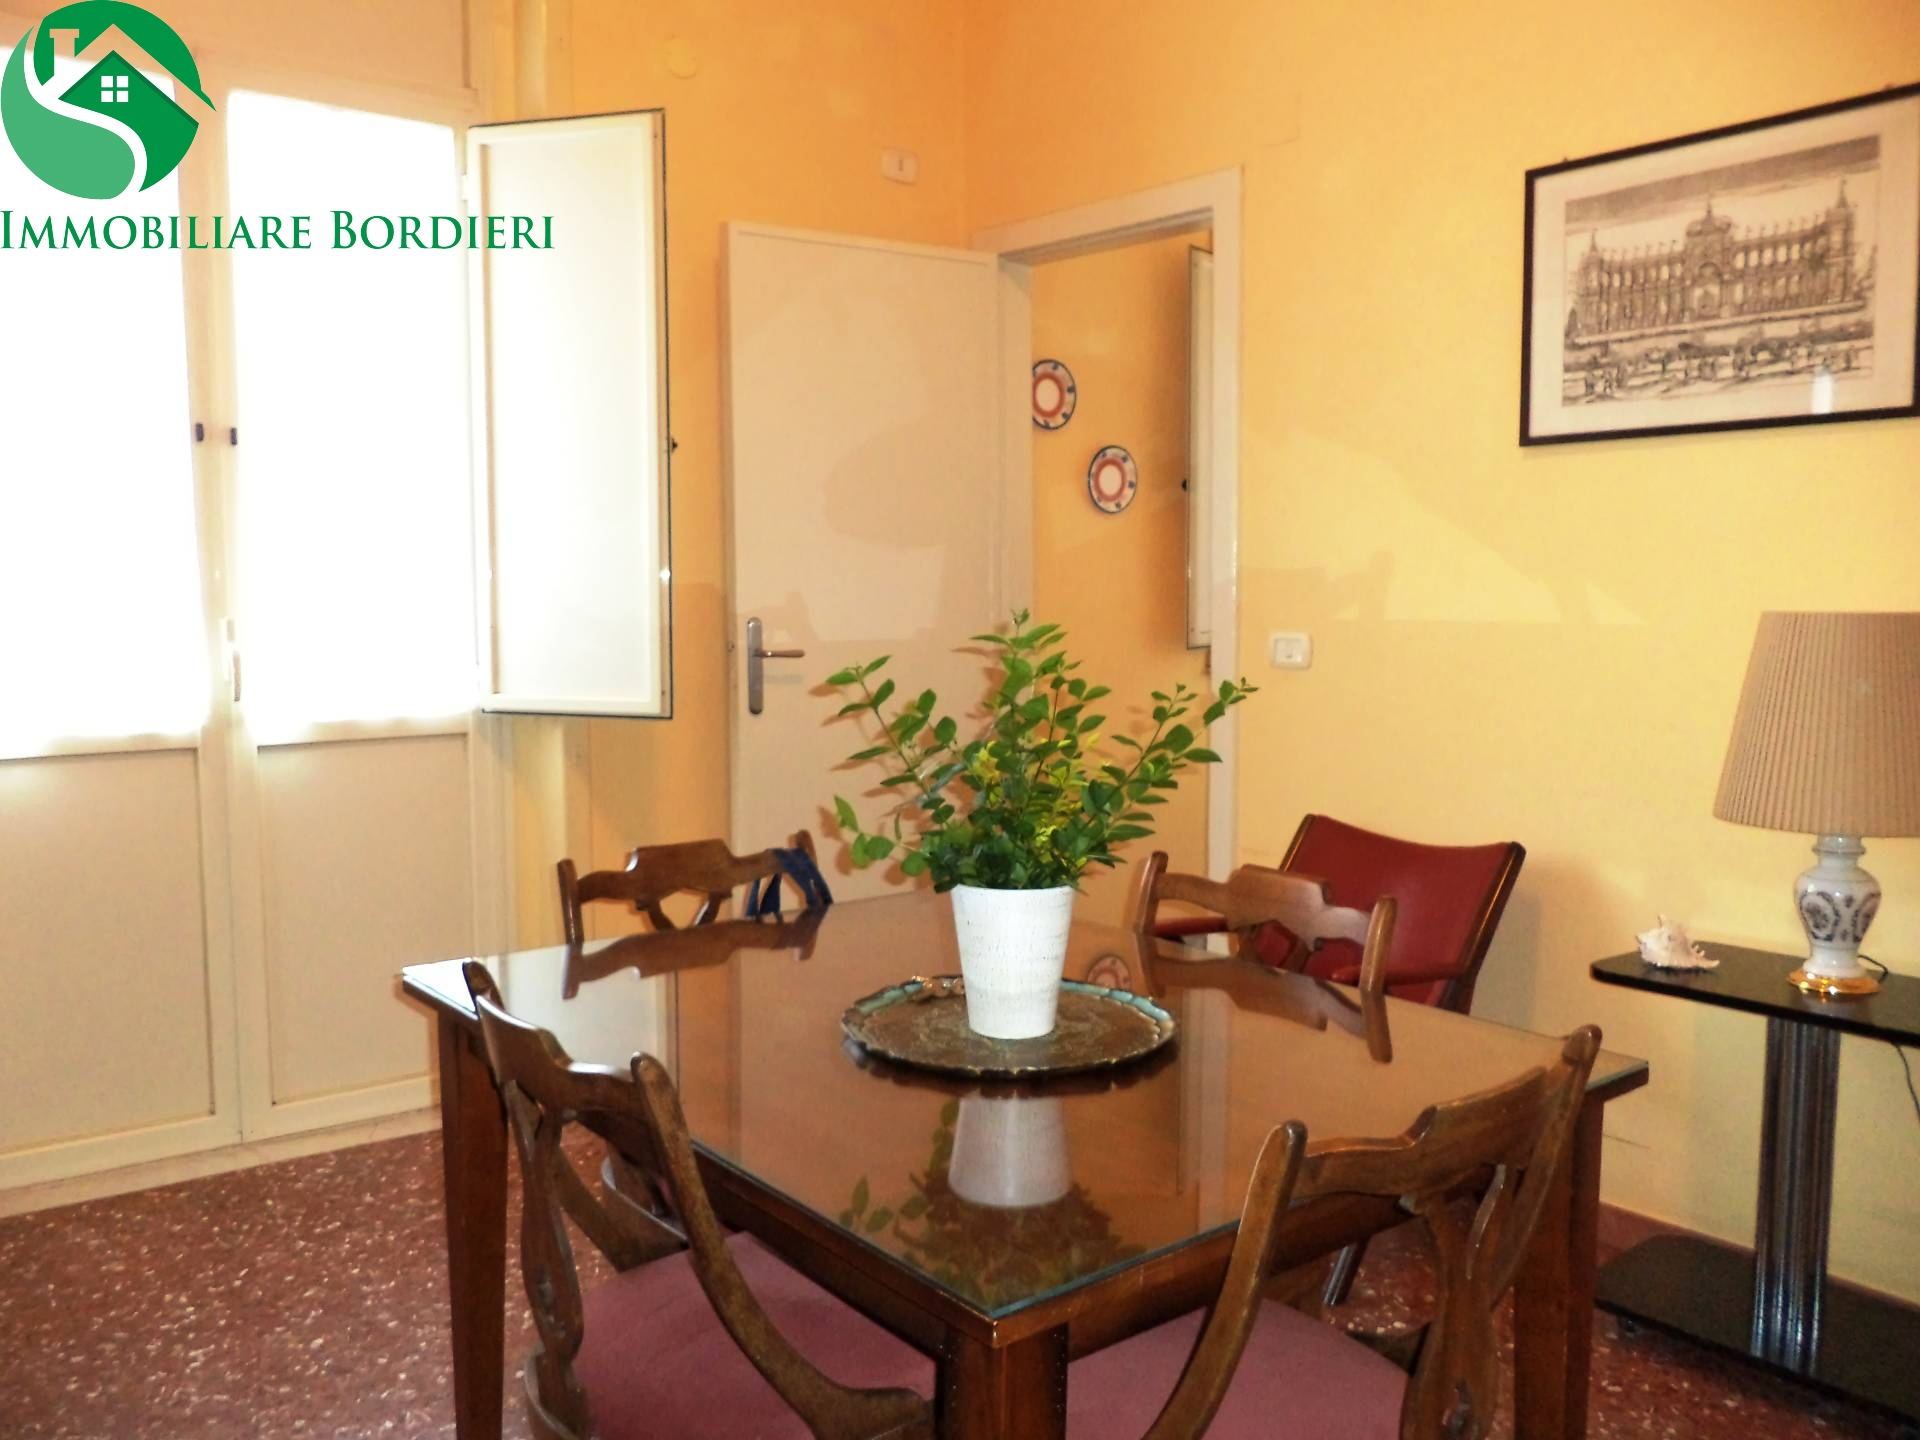 Soluzione Indipendente in affitto a Siracusa, 2 locali, zona Zona: Gelone, prezzo € 450   Cambio Casa.it